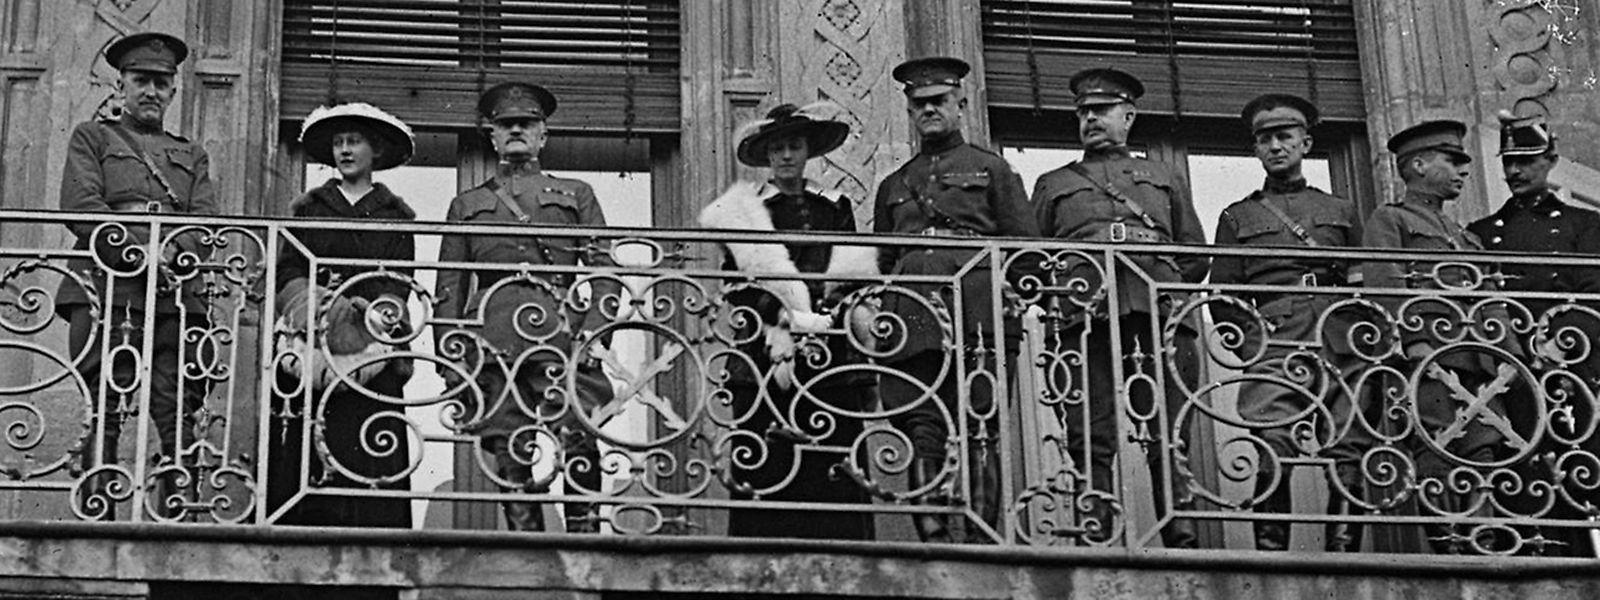 Auf dem Balkon des großherzoglichen Palais am Krautmarkt: General Pershing (3.v.l.) zwischen Prinzessin Charlotte (2.v.l.) und Großherzogin Marie-Adelheid.